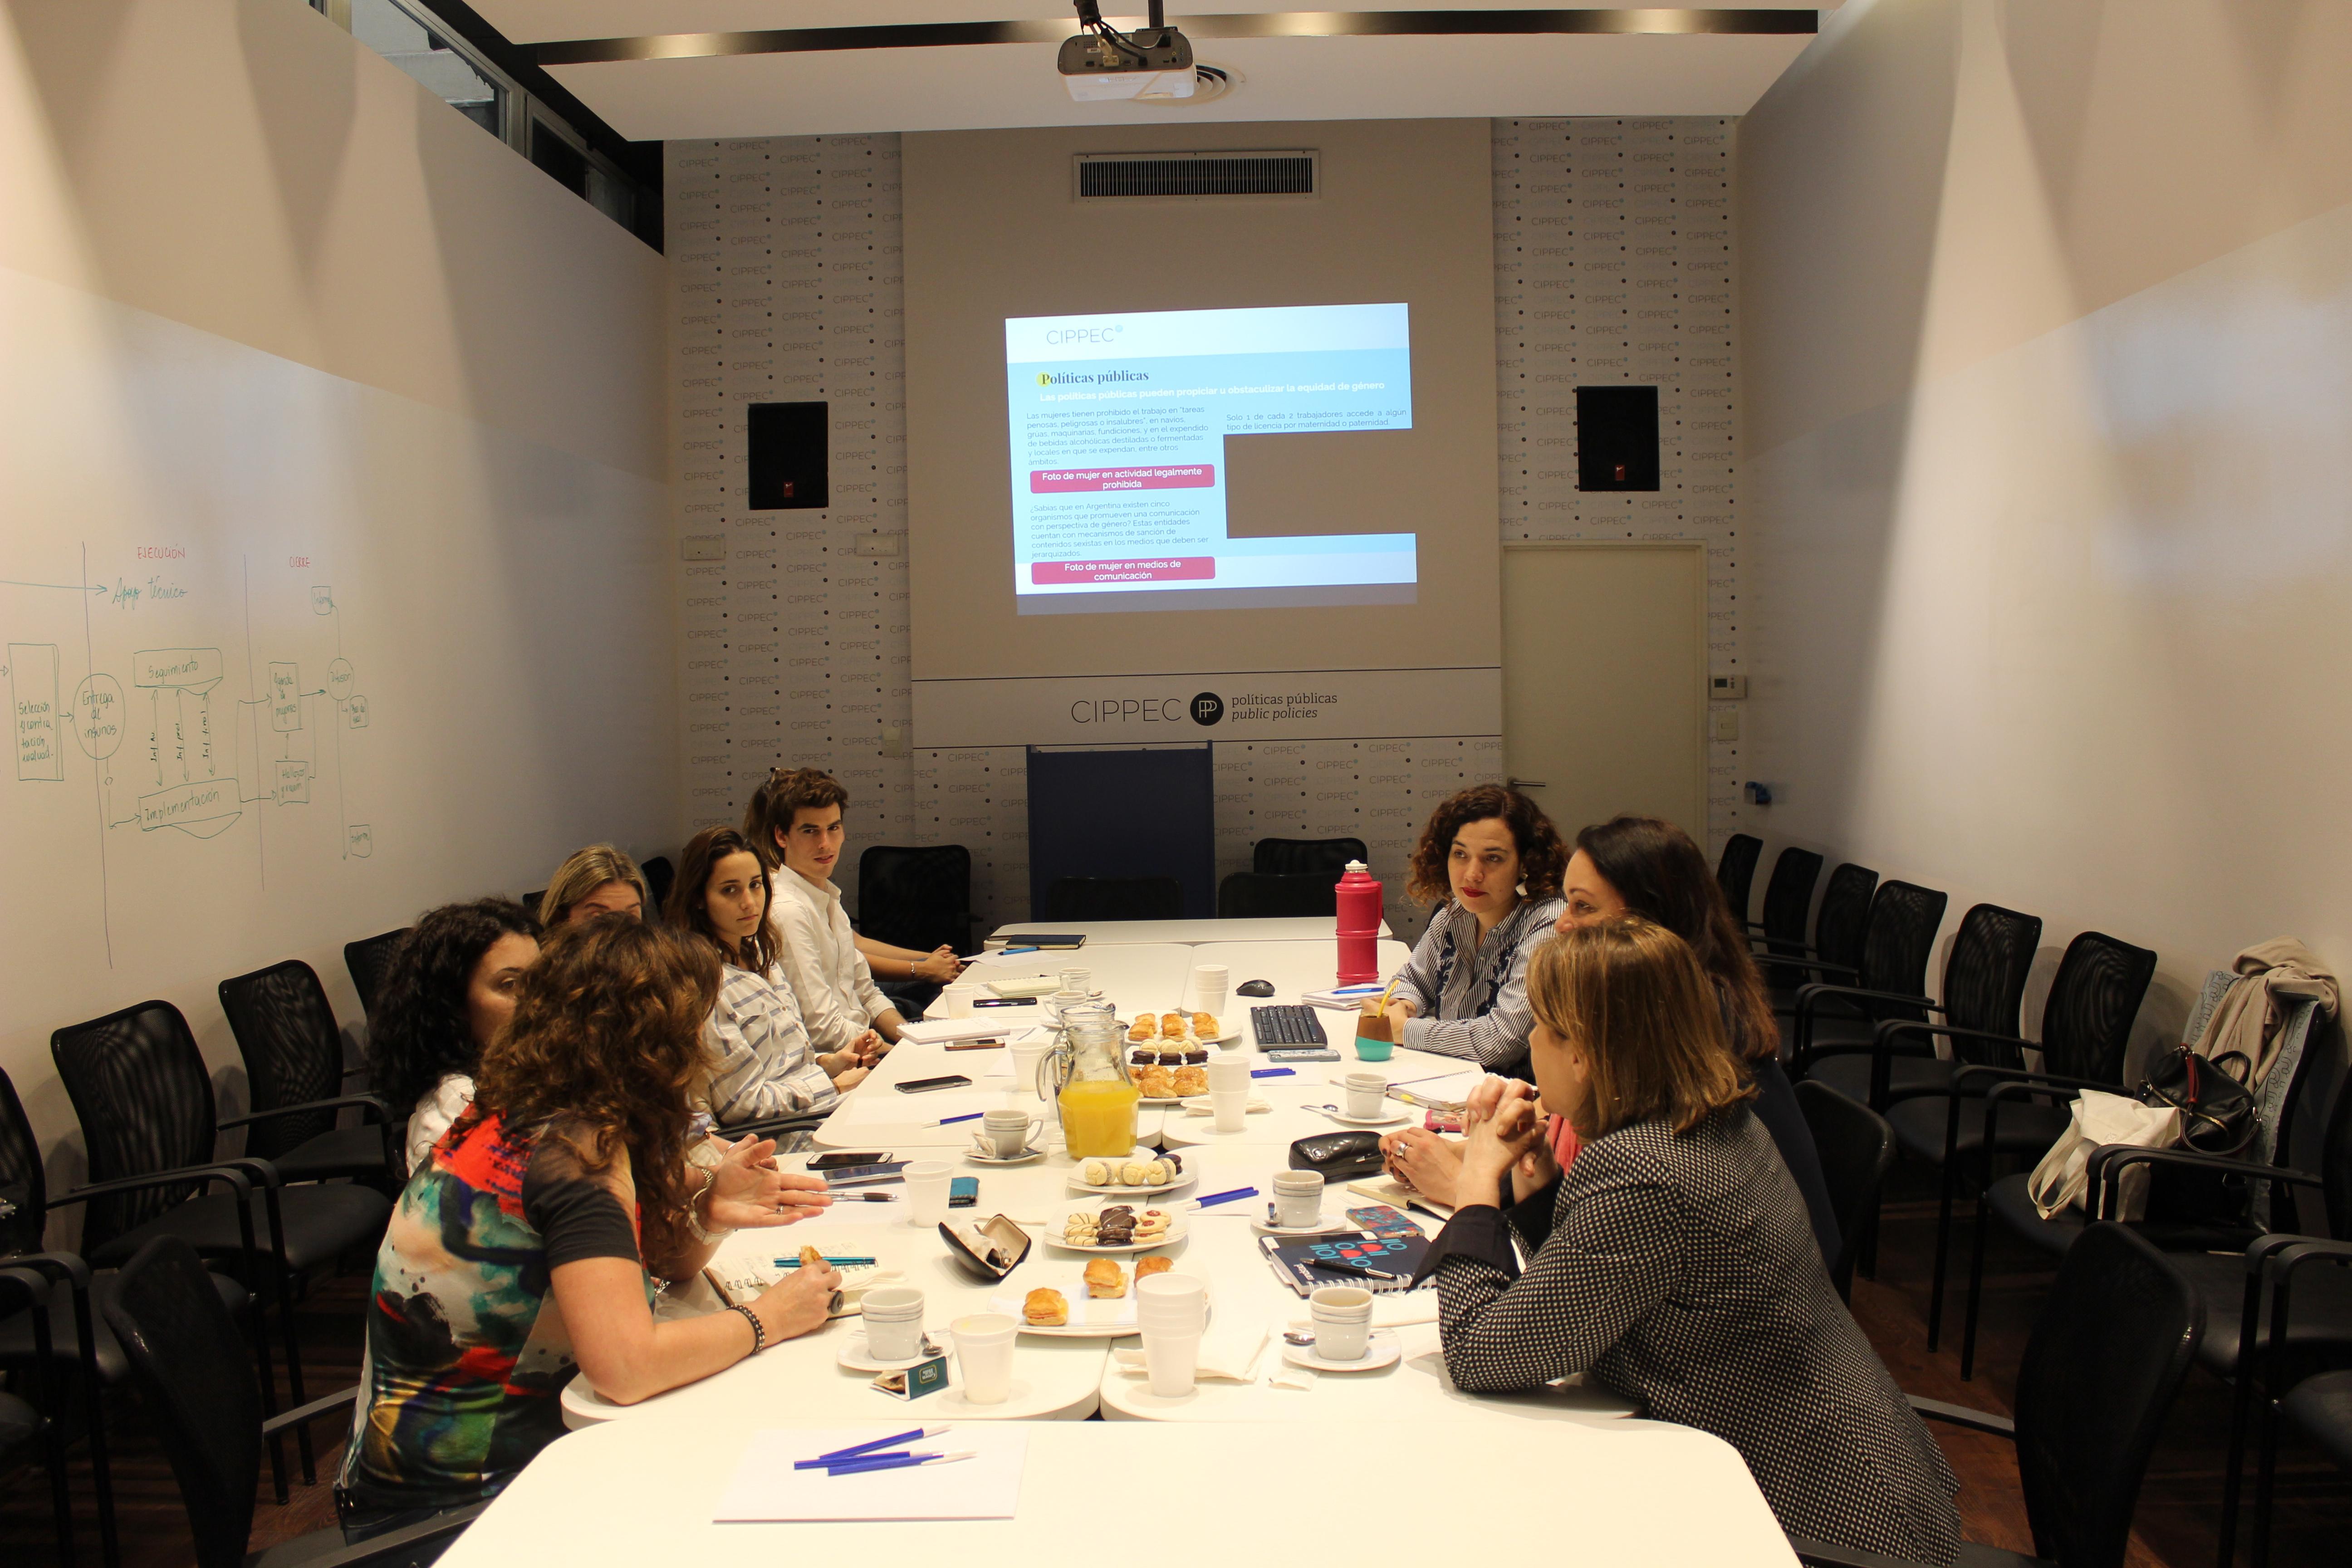 """Segunda reunión del consorcio de empresas y socios estratégicos que apoyan el proyecto insignia """"Mujeres en el mercado de trabajo: una deuda y una oportunidad"""" en el auditorio de CIPPEC. En la imagen hay 9 personas dialogando"""